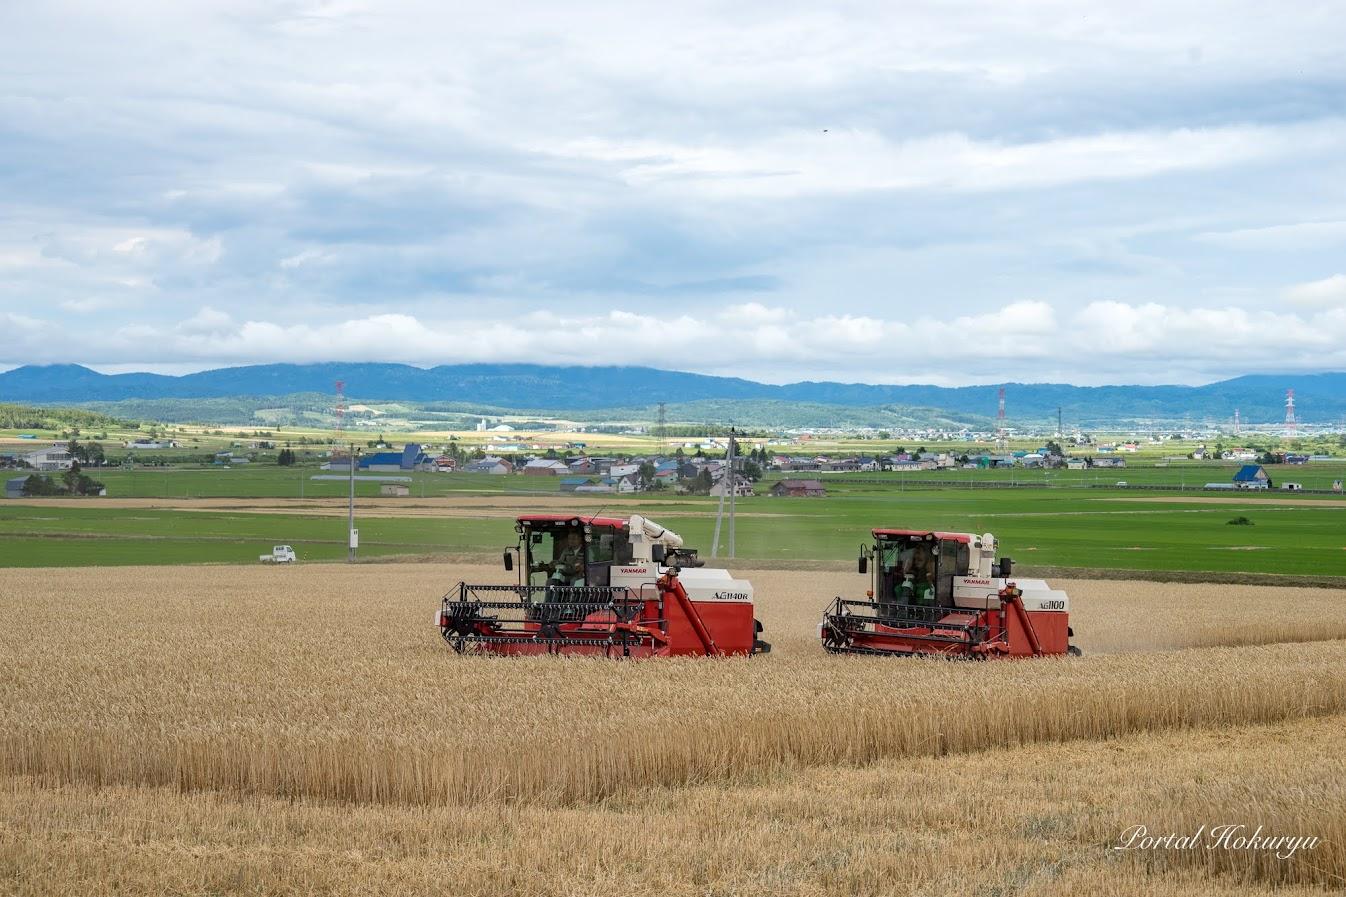 小麦刈りコンバイン出動!